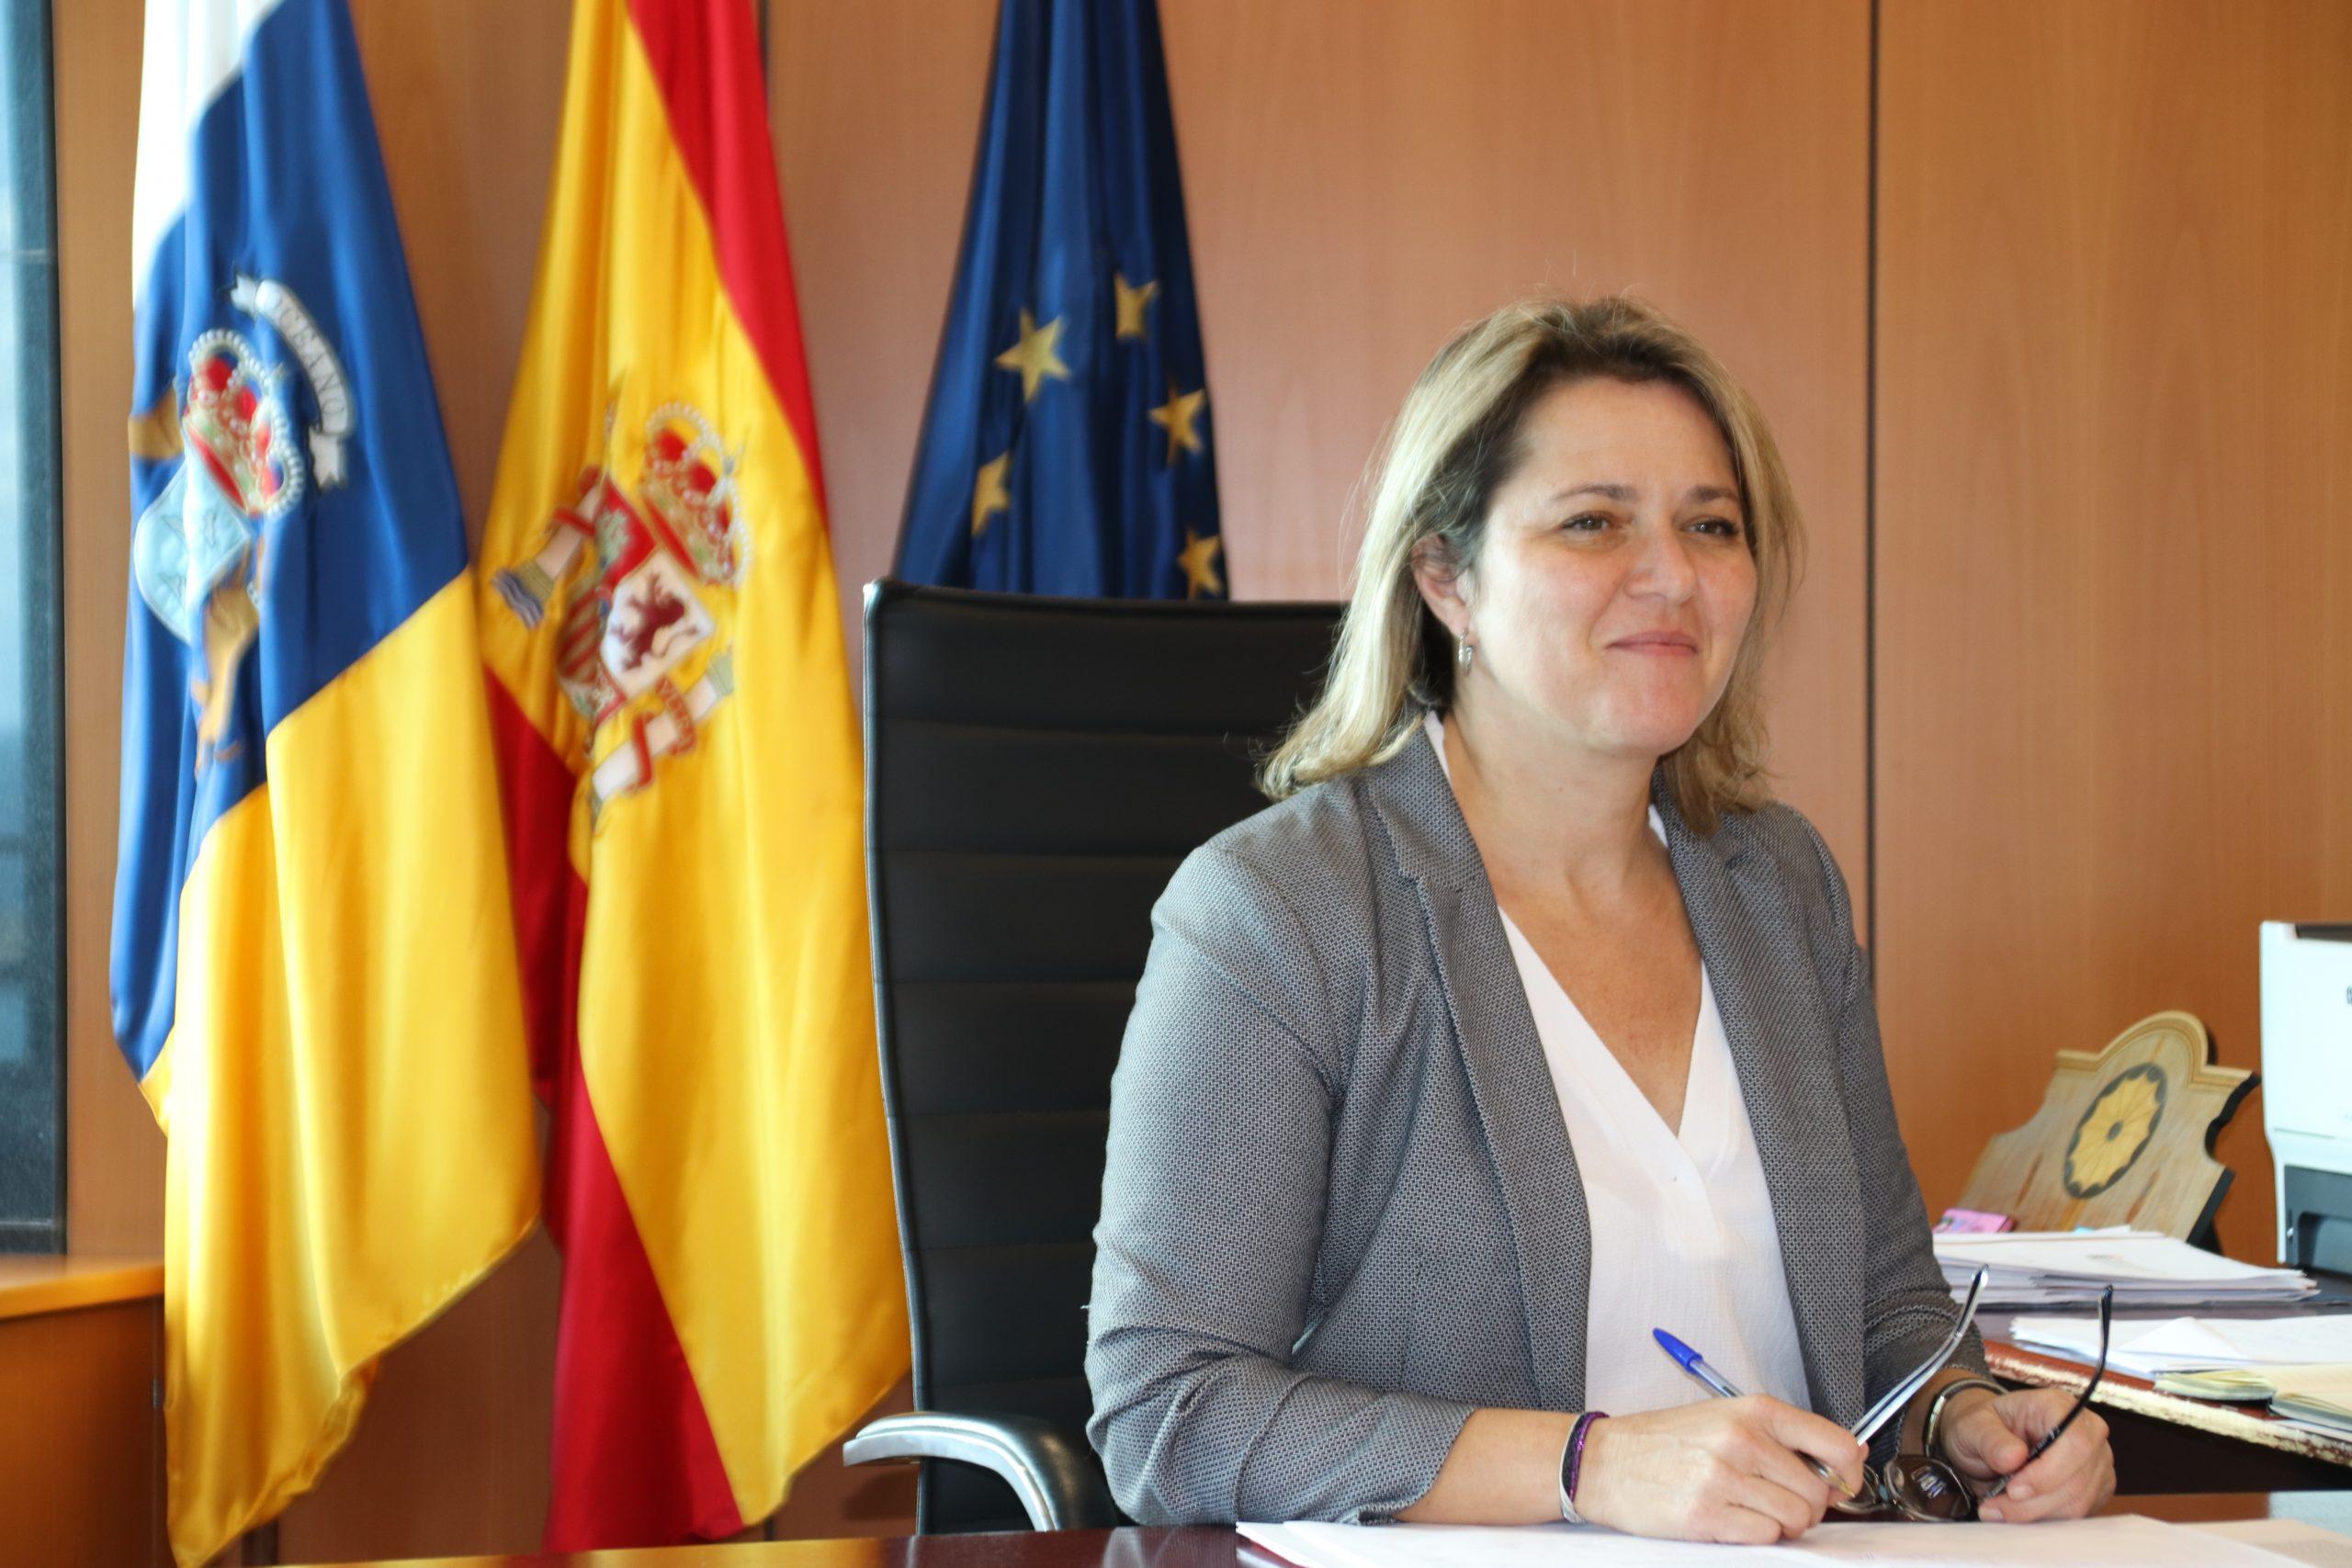 El Gobierno de Canarias concede ayudas valoradas en 1,8 millones para la comercialización de productos agrícolas